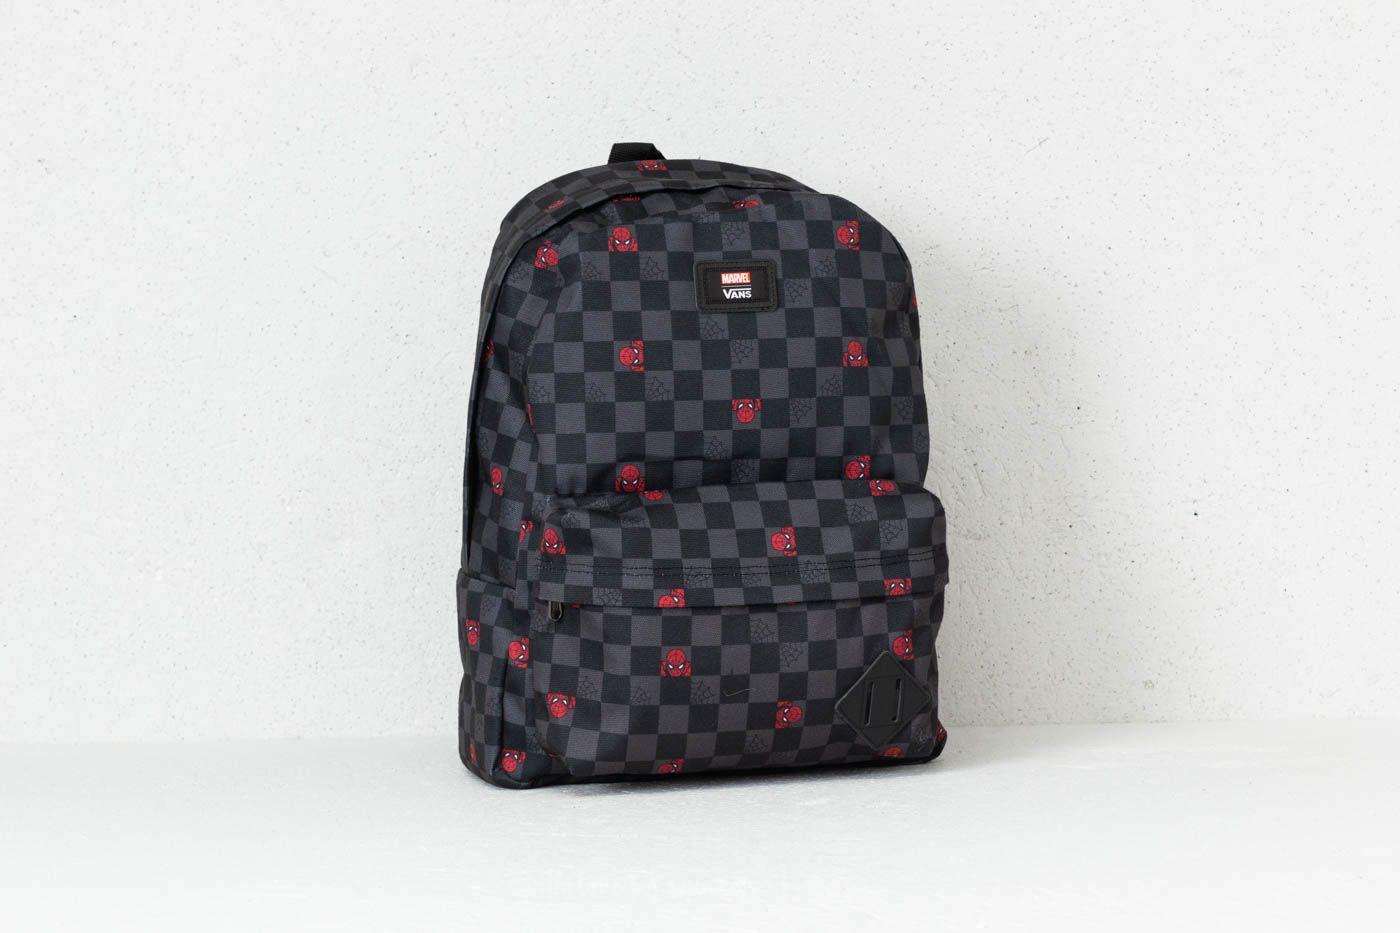 efc09a929c2 Vans Old Skool II Backpack (Marvel) Black